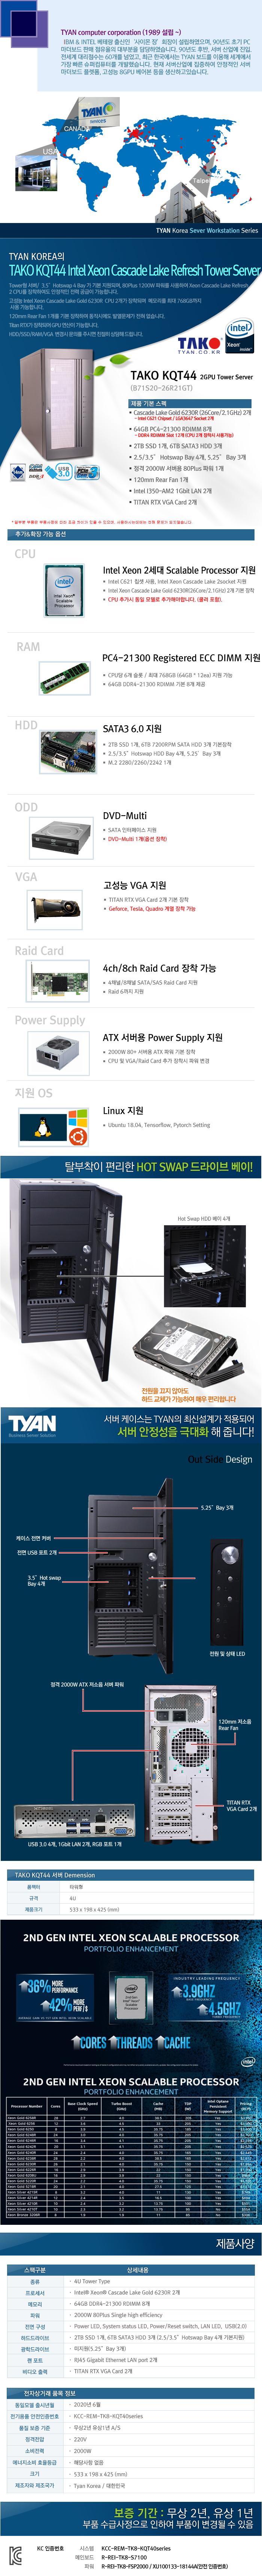 TYAN TAKO-KQT44-(B71S20-26R21GT)-2GPU (512GB, SSD 2TB + 18TB)